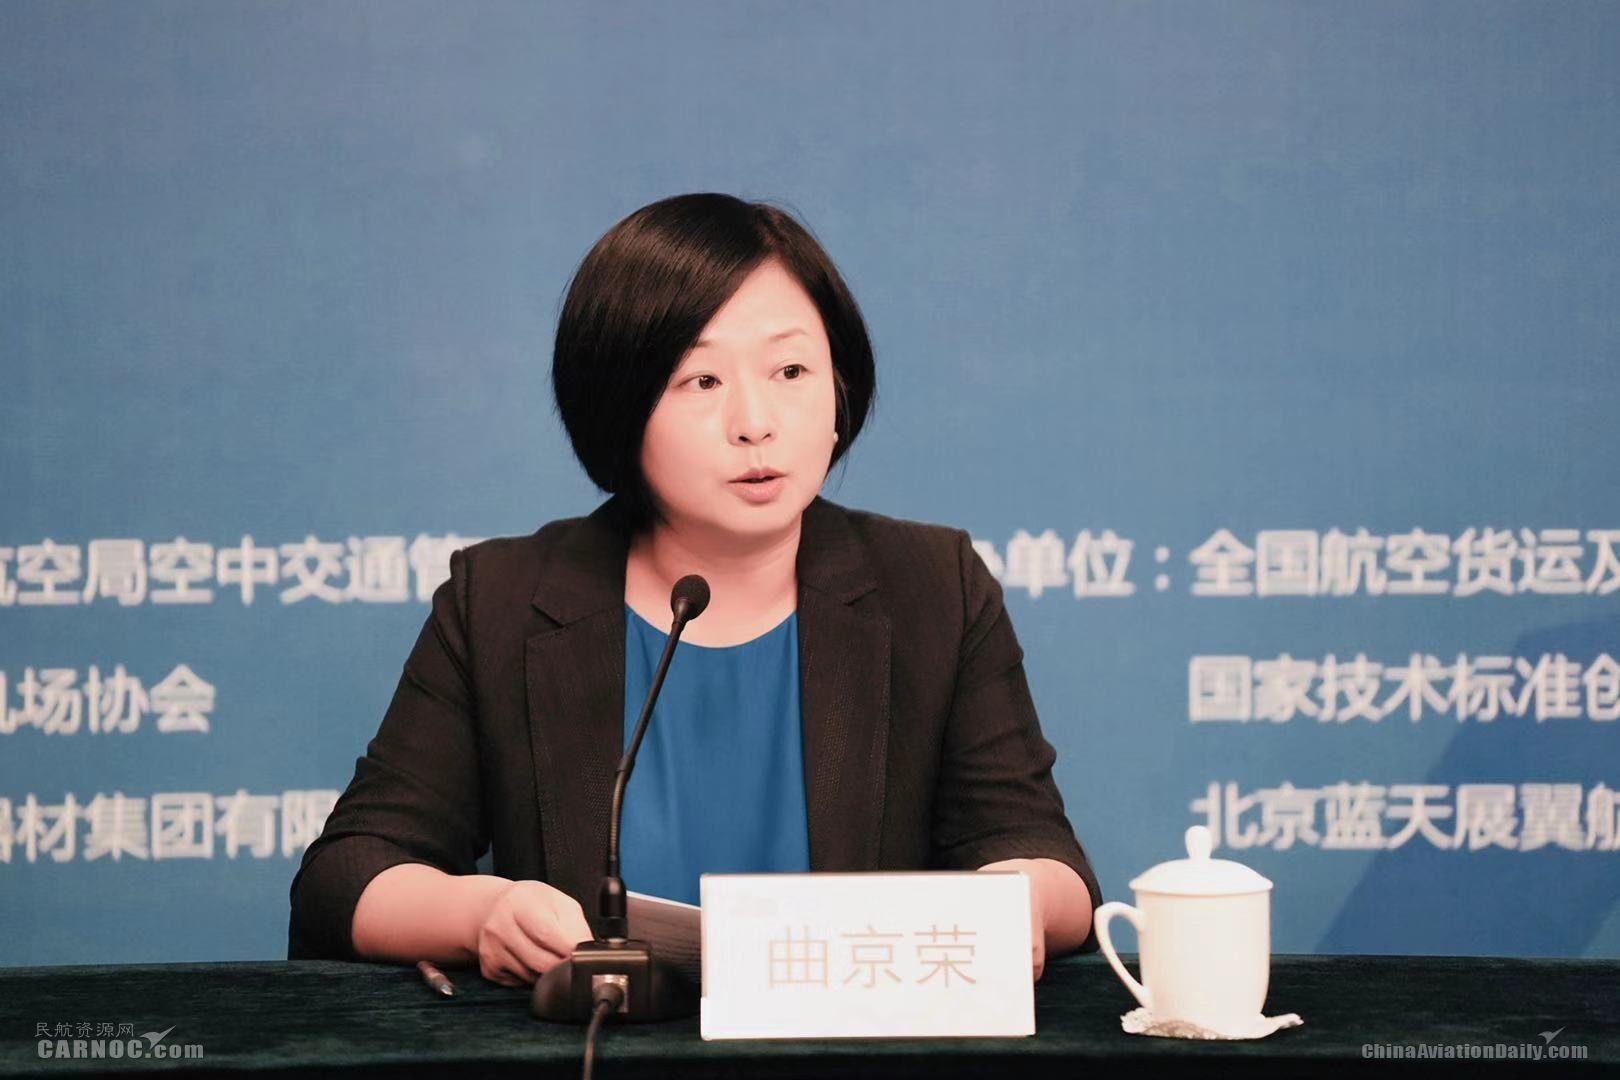 中国航空器材集团有限公司办公室主任曲京荣